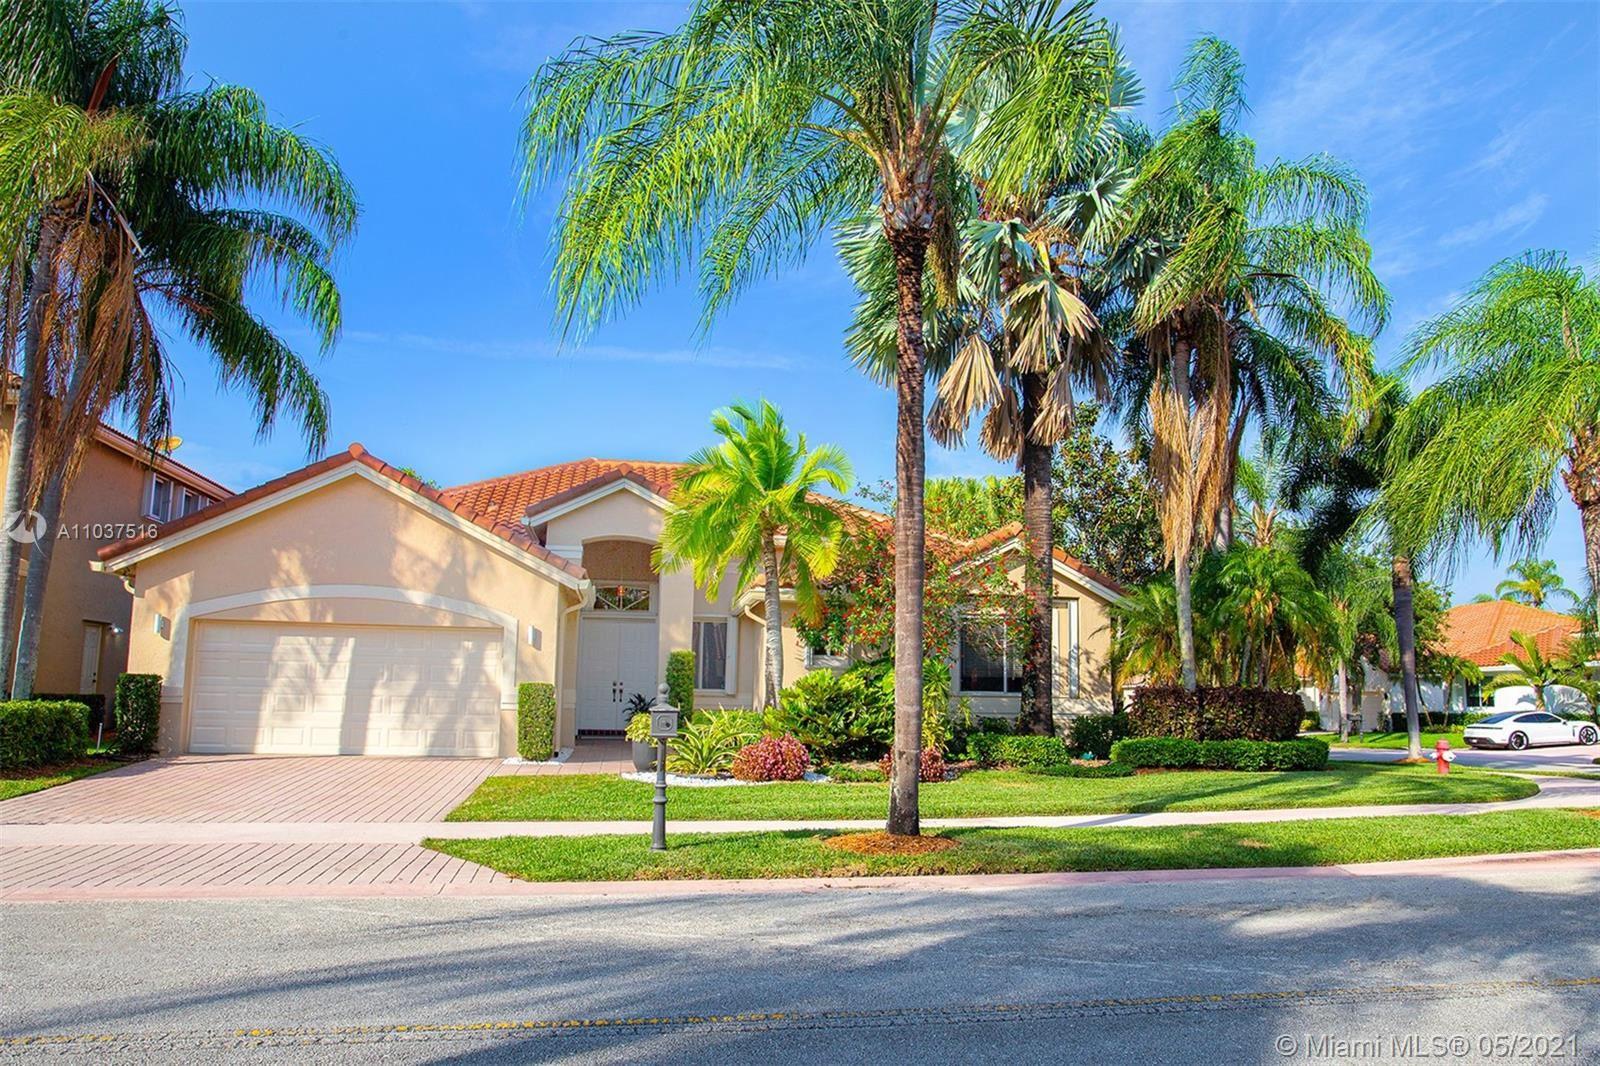 2700 Oakmont Ct, Weston, FL 33332 - #: A11037516